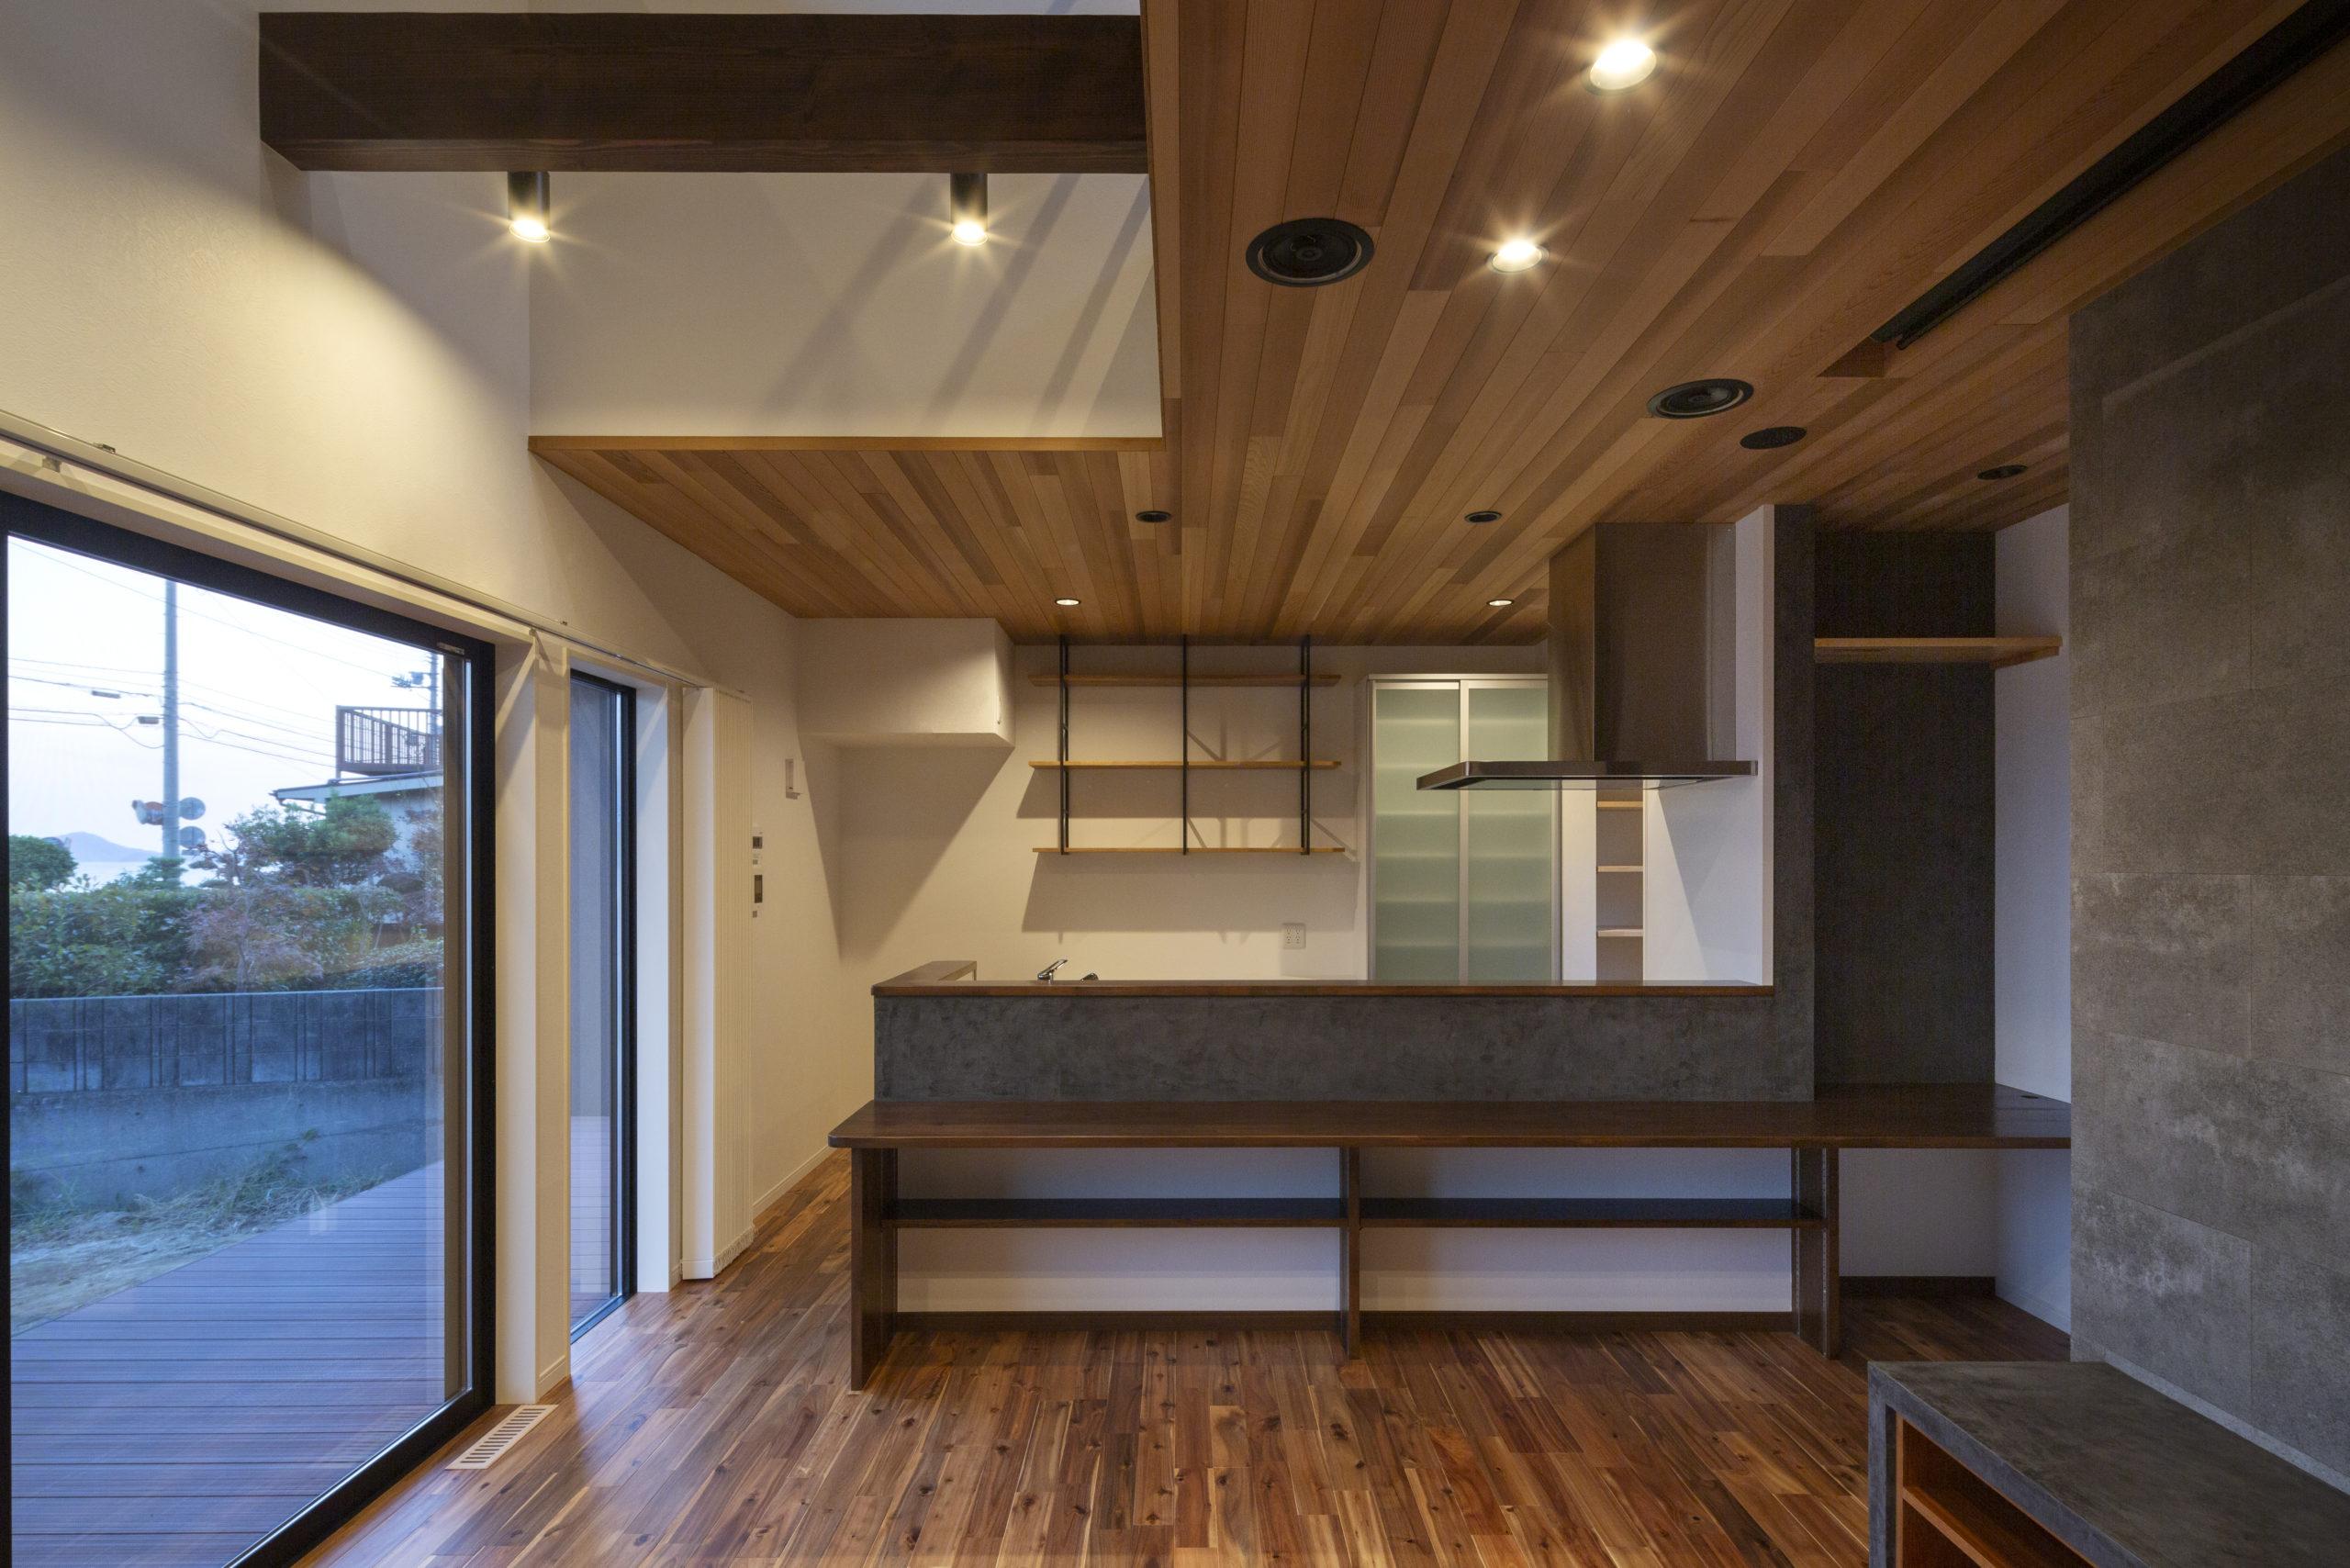 福山市の注文住宅|今井住建の施工事例ギャラリー「スタイリッシュなキッチンにはグレー」